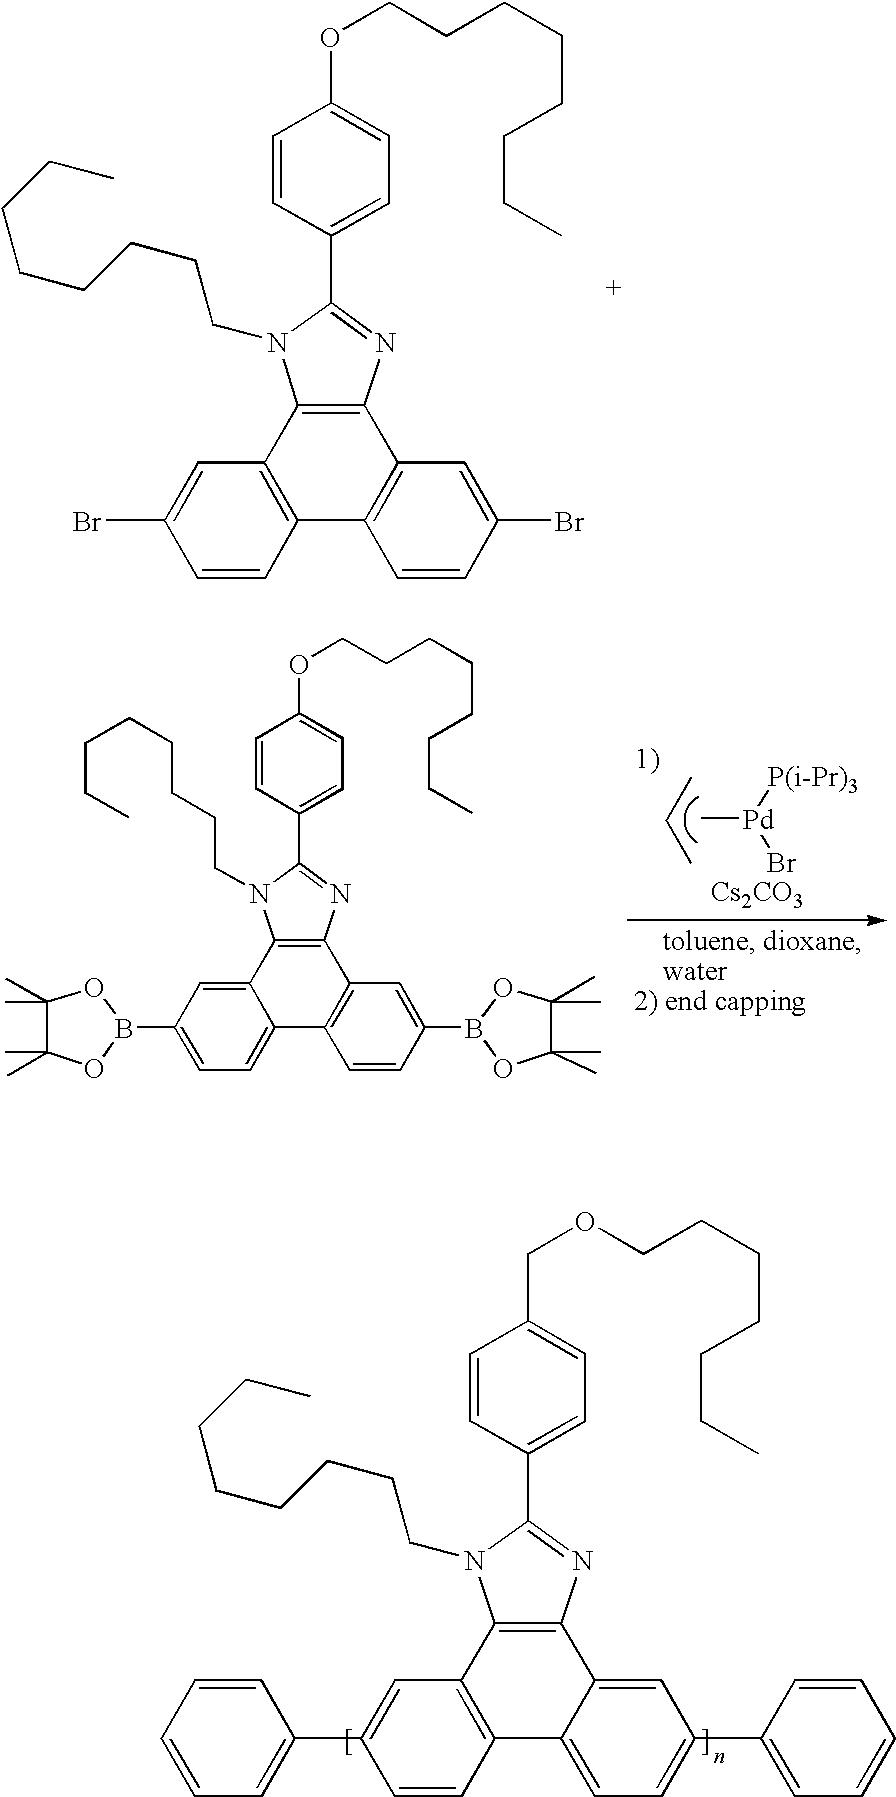 Figure US20090105447A1-20090423-C00168